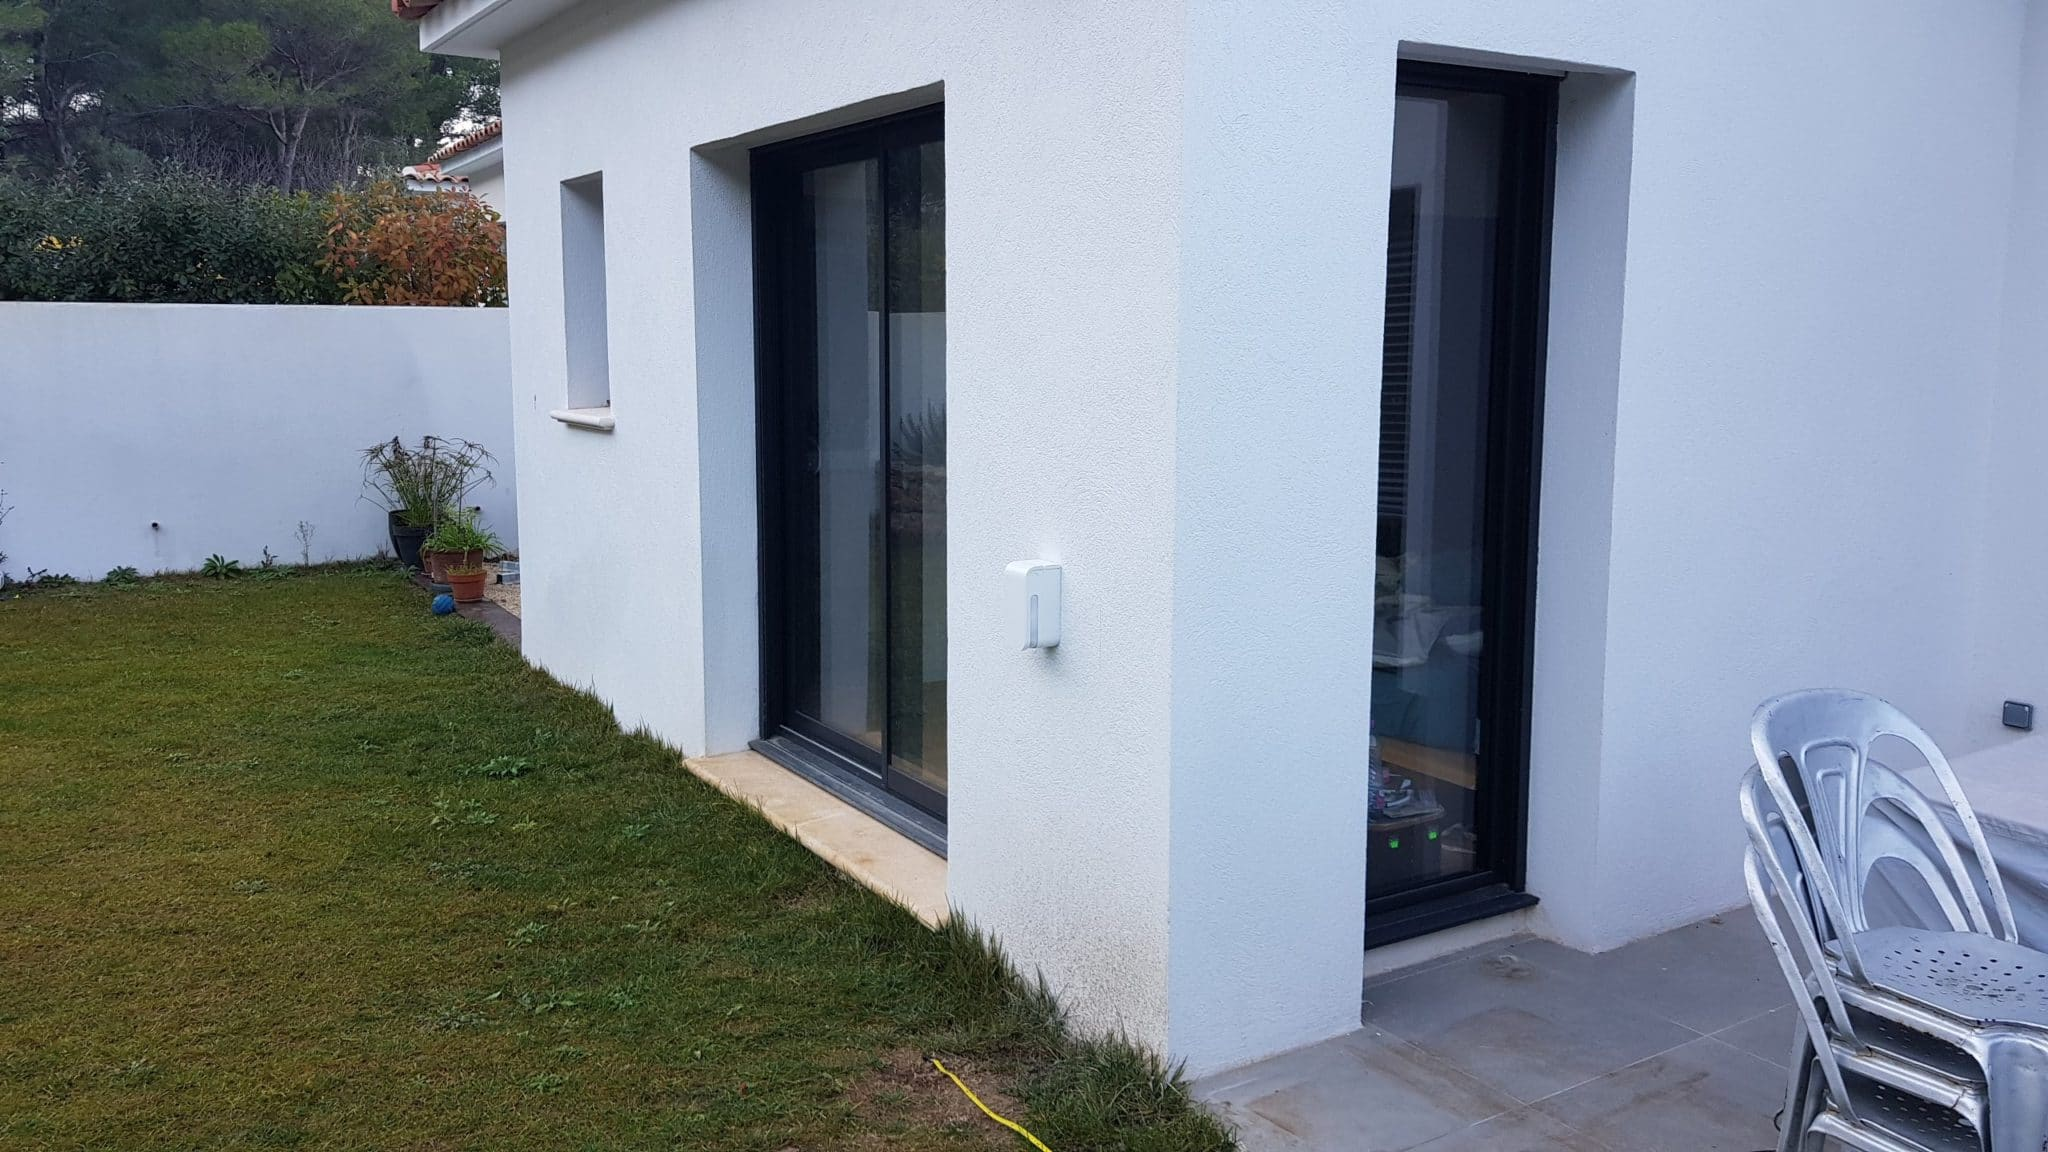 Alarme extérieure pour protéger une baie vitrée coulissante d'une maison à Ventabren